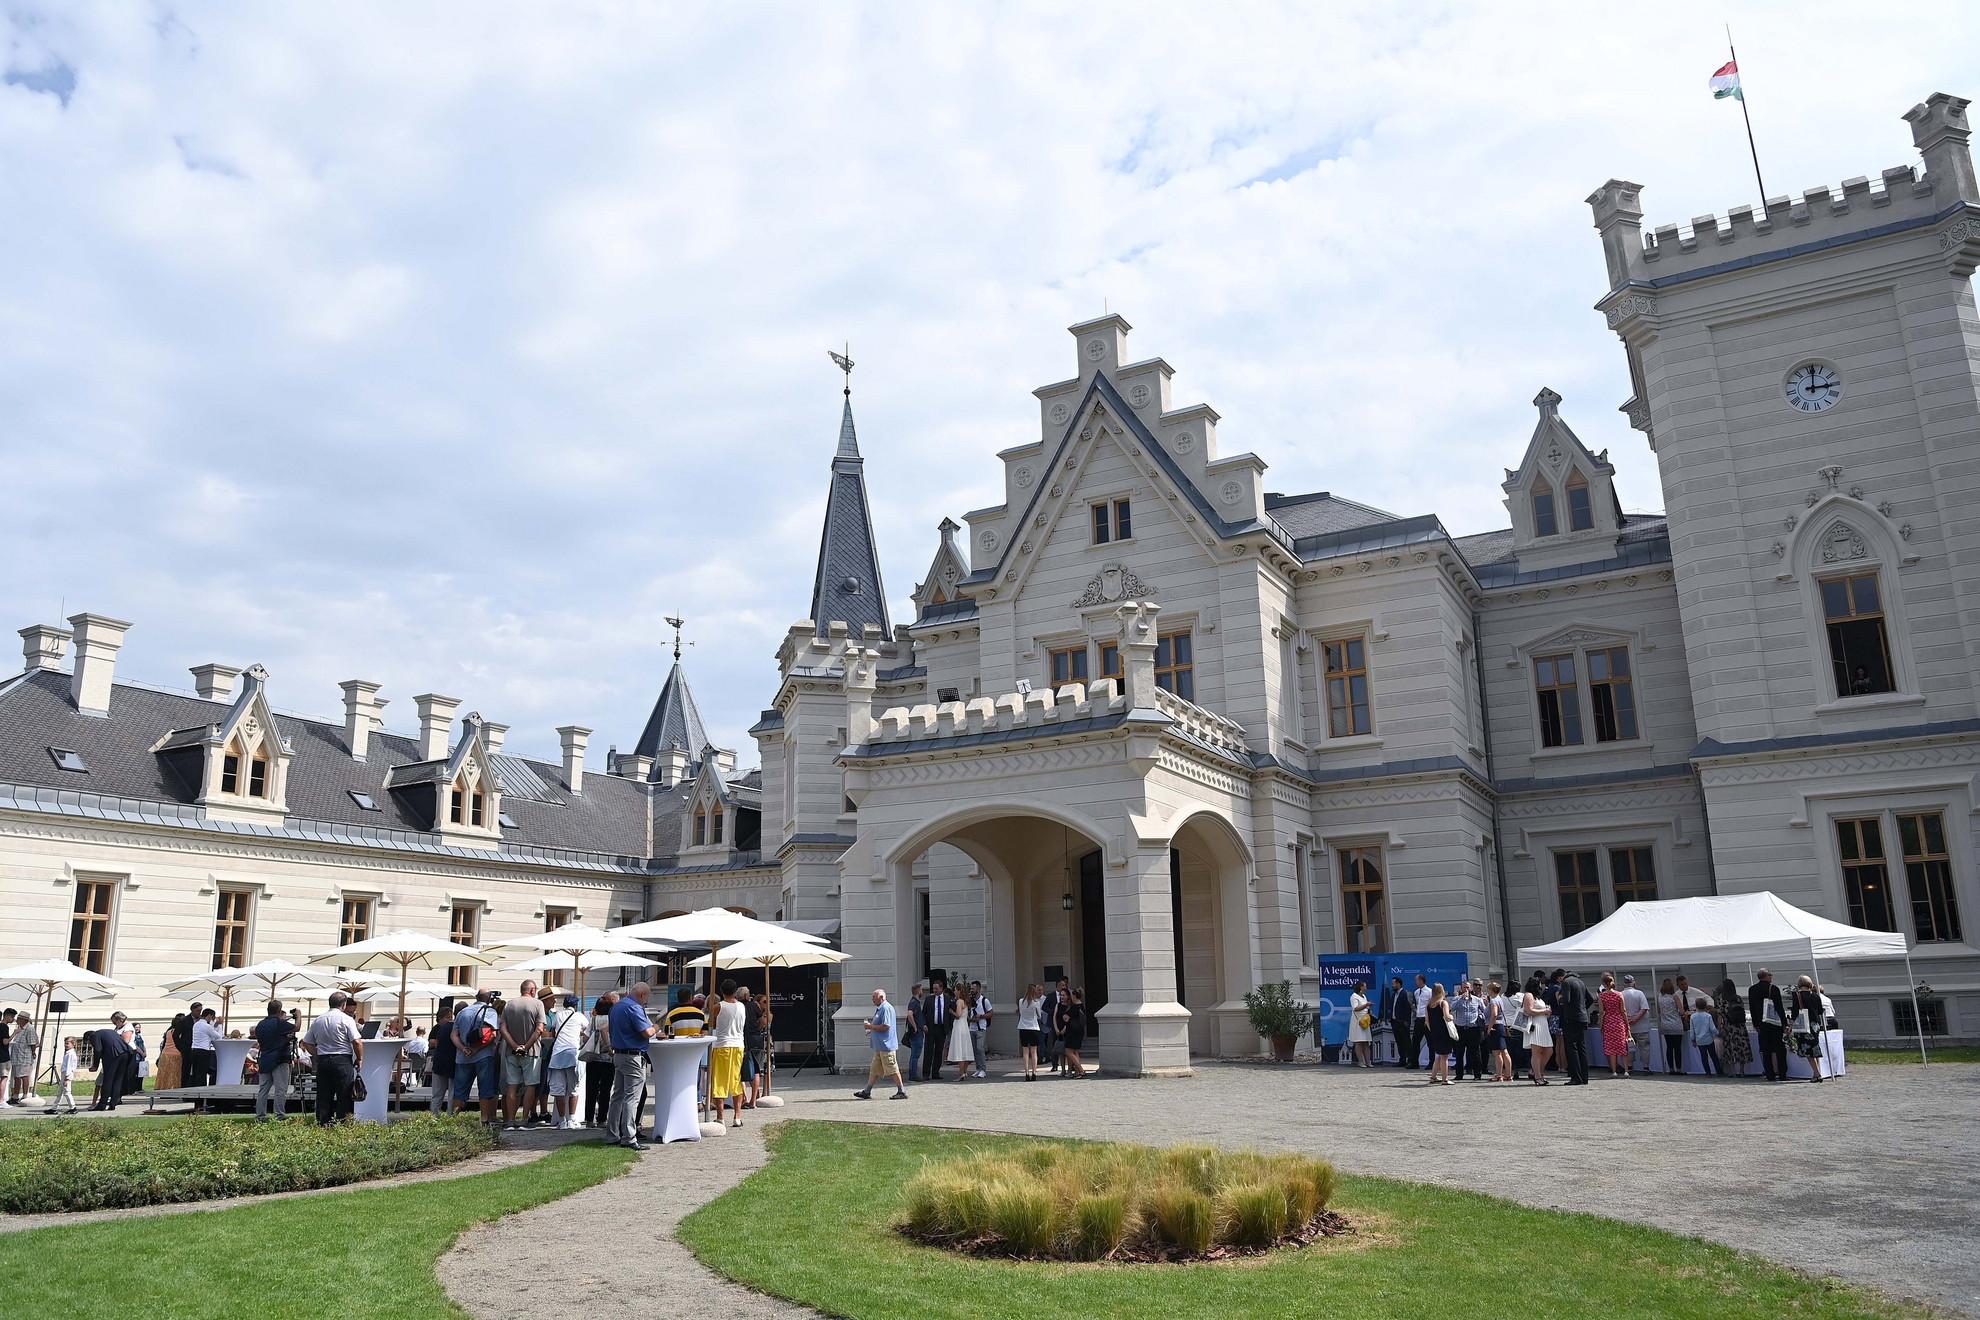 A Nemzeti Kastélyprogram és Nemzeti Várprogram keretében megújult nádasdladányi Nádasdy-kastély az ünnepélyes átadás napján 2021. augusztus 1-jén